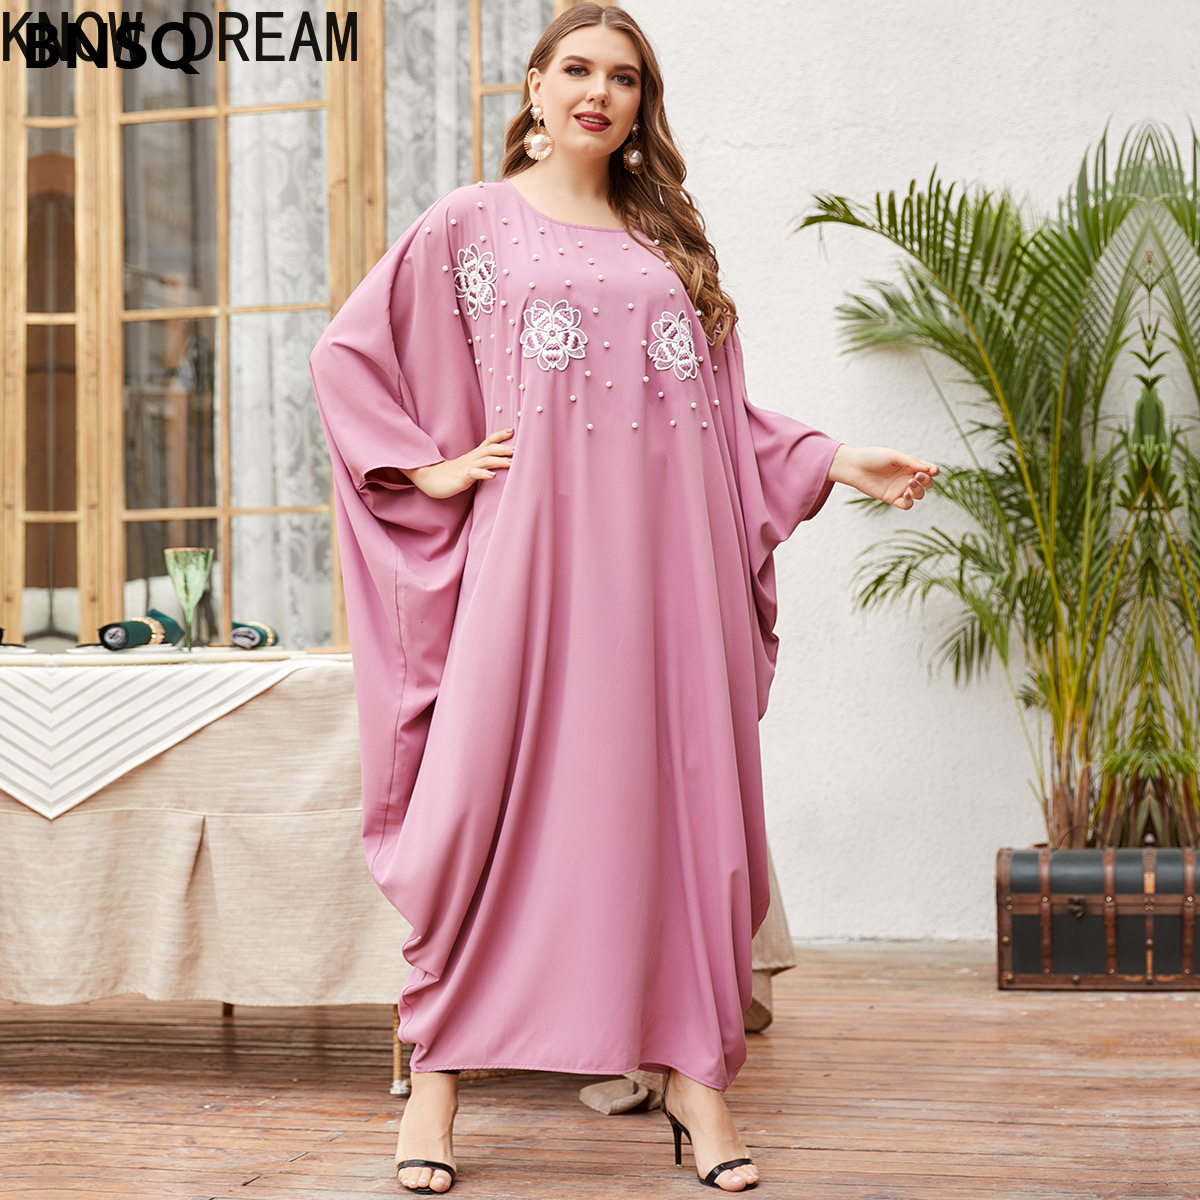 Saber sonho das mulheres vestidos formais tamanho grande solto rosa grânulo bordado manga robe vestido de manga comprida roupas femininas